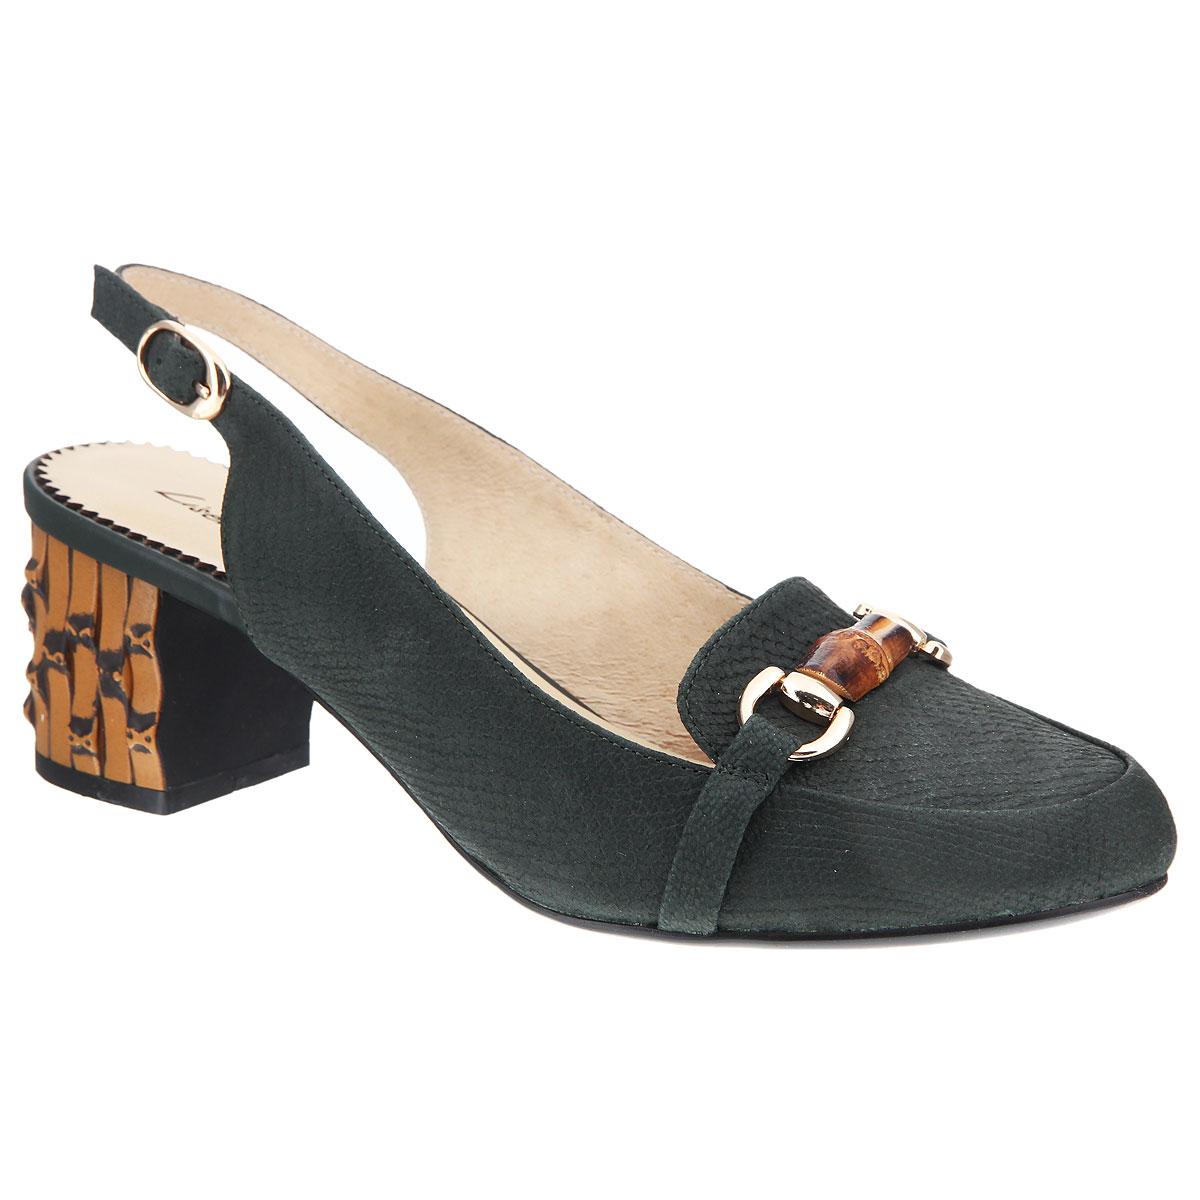 Туфли женские. 6021-19-26021-19-2Женские туфли на каблуке от Lisette, стилизованные под лоферы, прекрасно подчеркнут ваш стиль. Верх модели выполнен из натуральной кожи и оформлен тиснением под рептилию, а также декоративным элементом. Внутренняя часть и стелька из натуральной кожи гарантируют комфорт и удобство при ходьбе. Устойчивый широкий каблук оформлен декоративной отделкой. Подошва выполнена из прочной резины с противоскользящим рифлением. Такие туфли станут прекрасным дополнением вашего гардероба. Они сделают вас ярче и подчеркнут вашу индивидуальность!